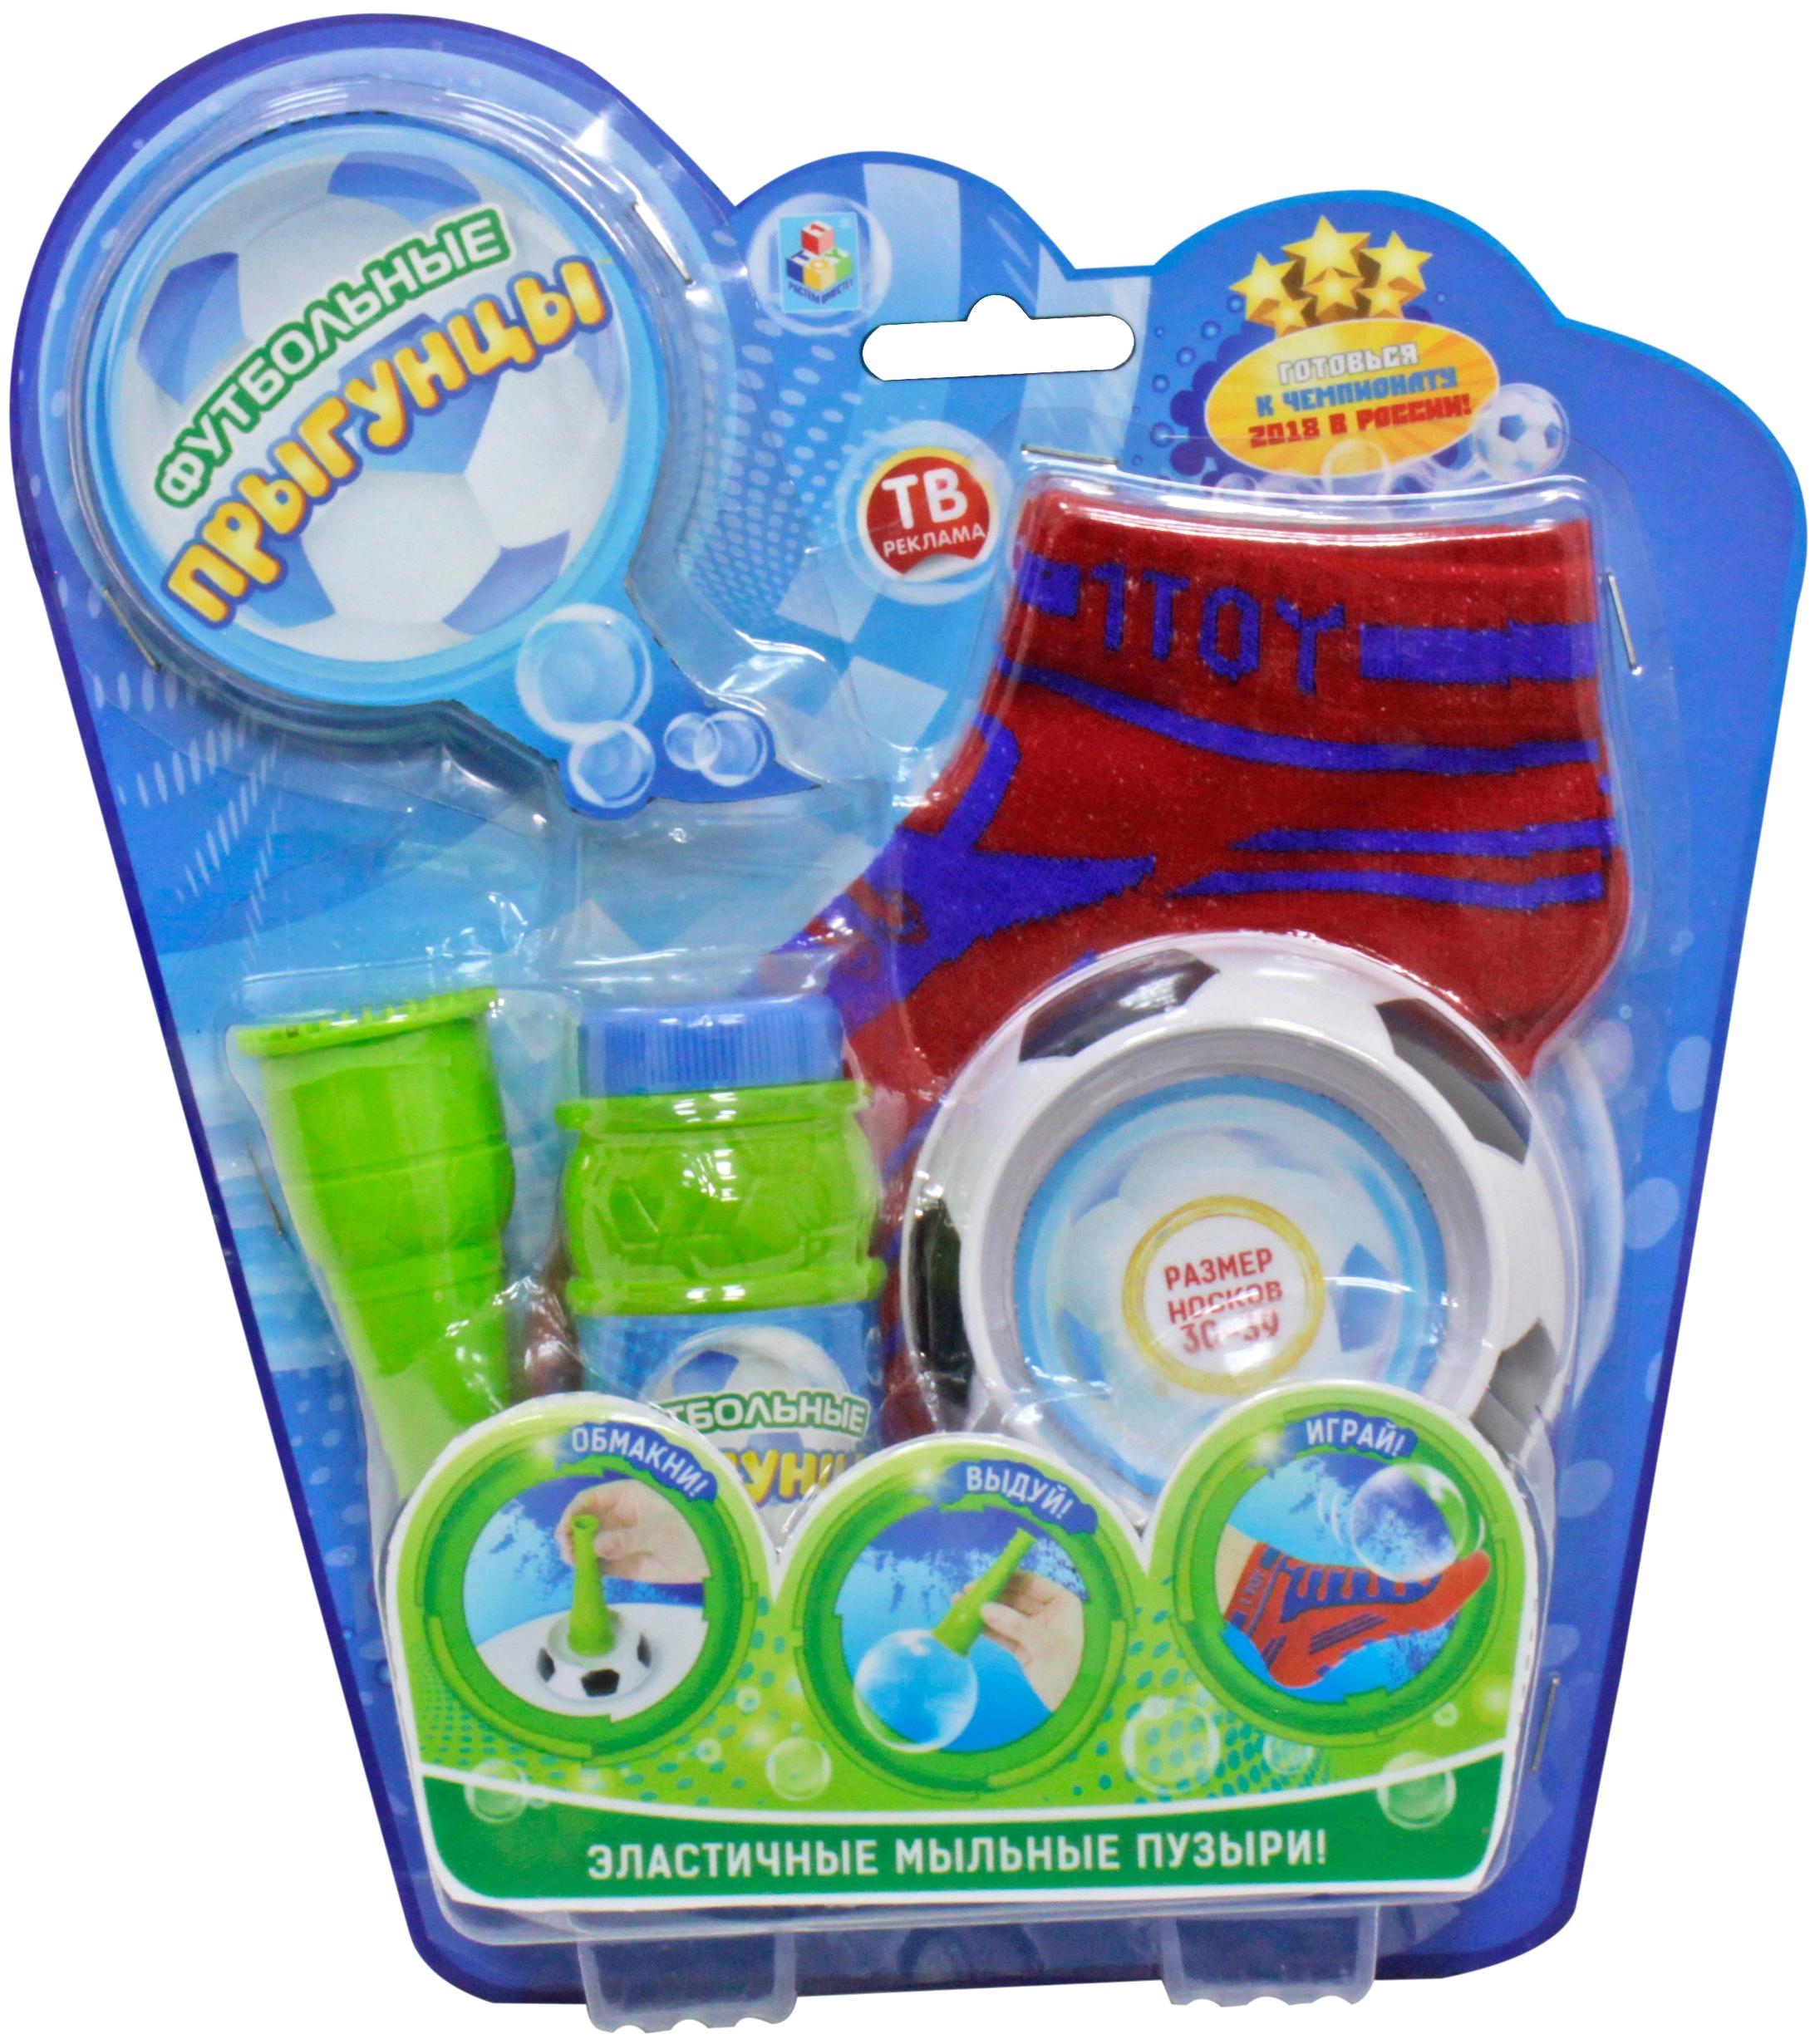 Мыльные пузыри 1toy Футбольные Прыгунцы размер 30-39 1toy мыльные пузыри футбольные прыгунцы цвет носков красный 80 мл